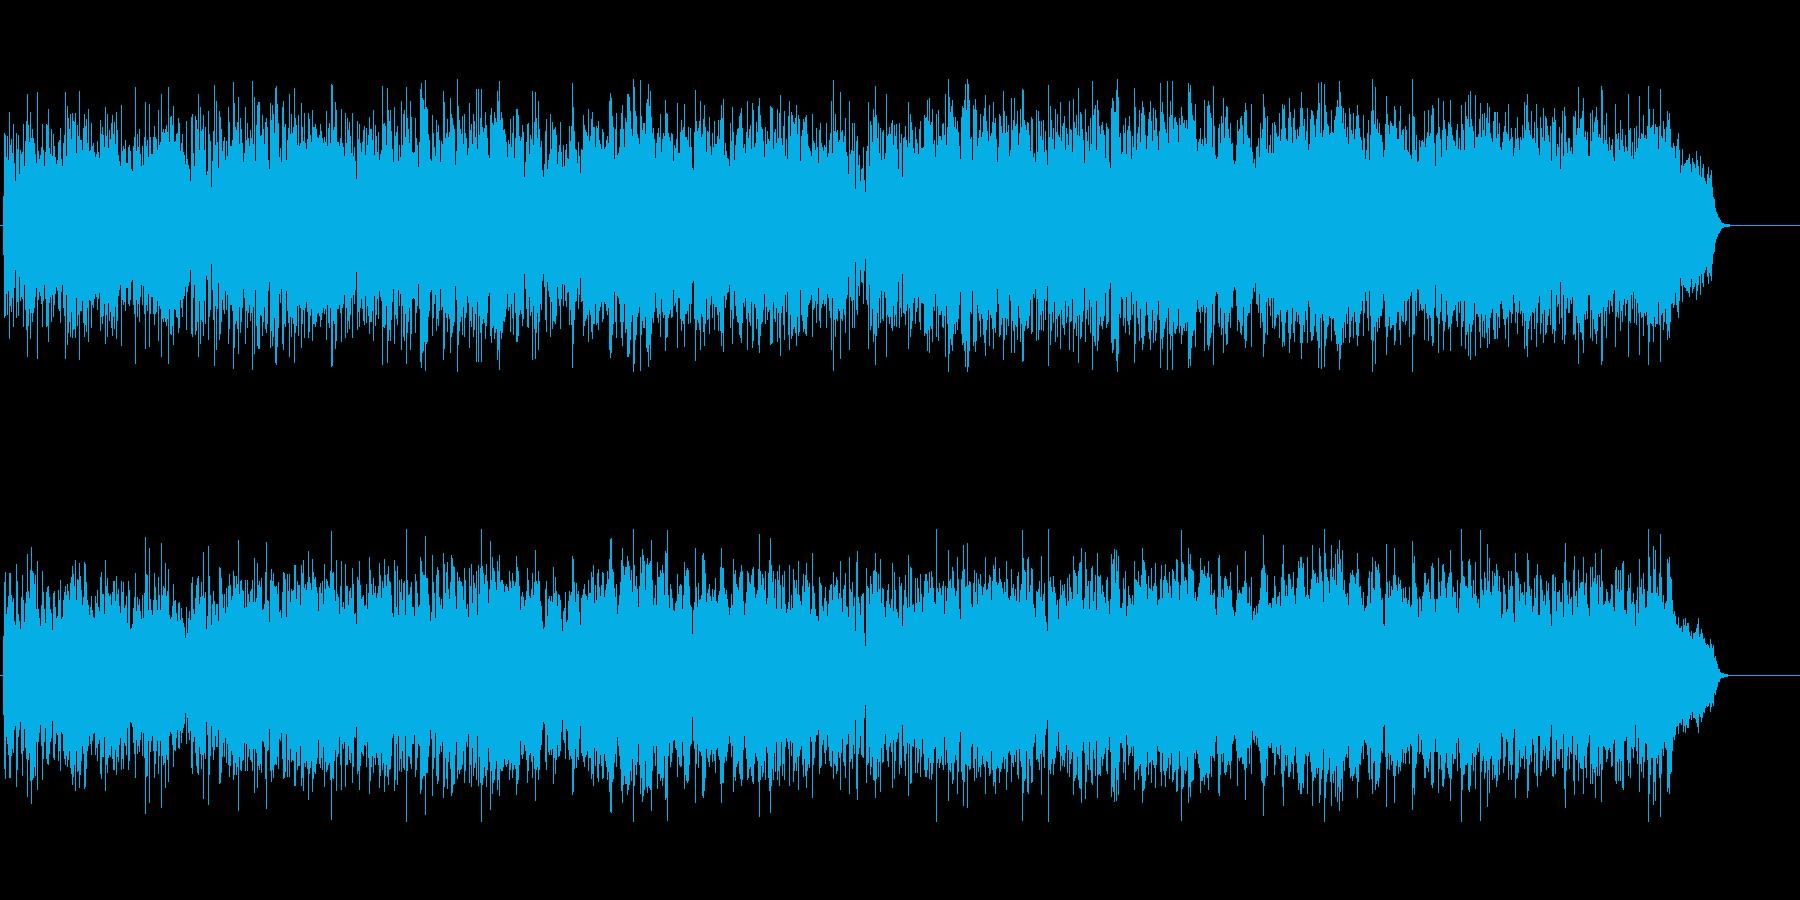 ティータイム リラックス 目覚め 軽快の再生済みの波形